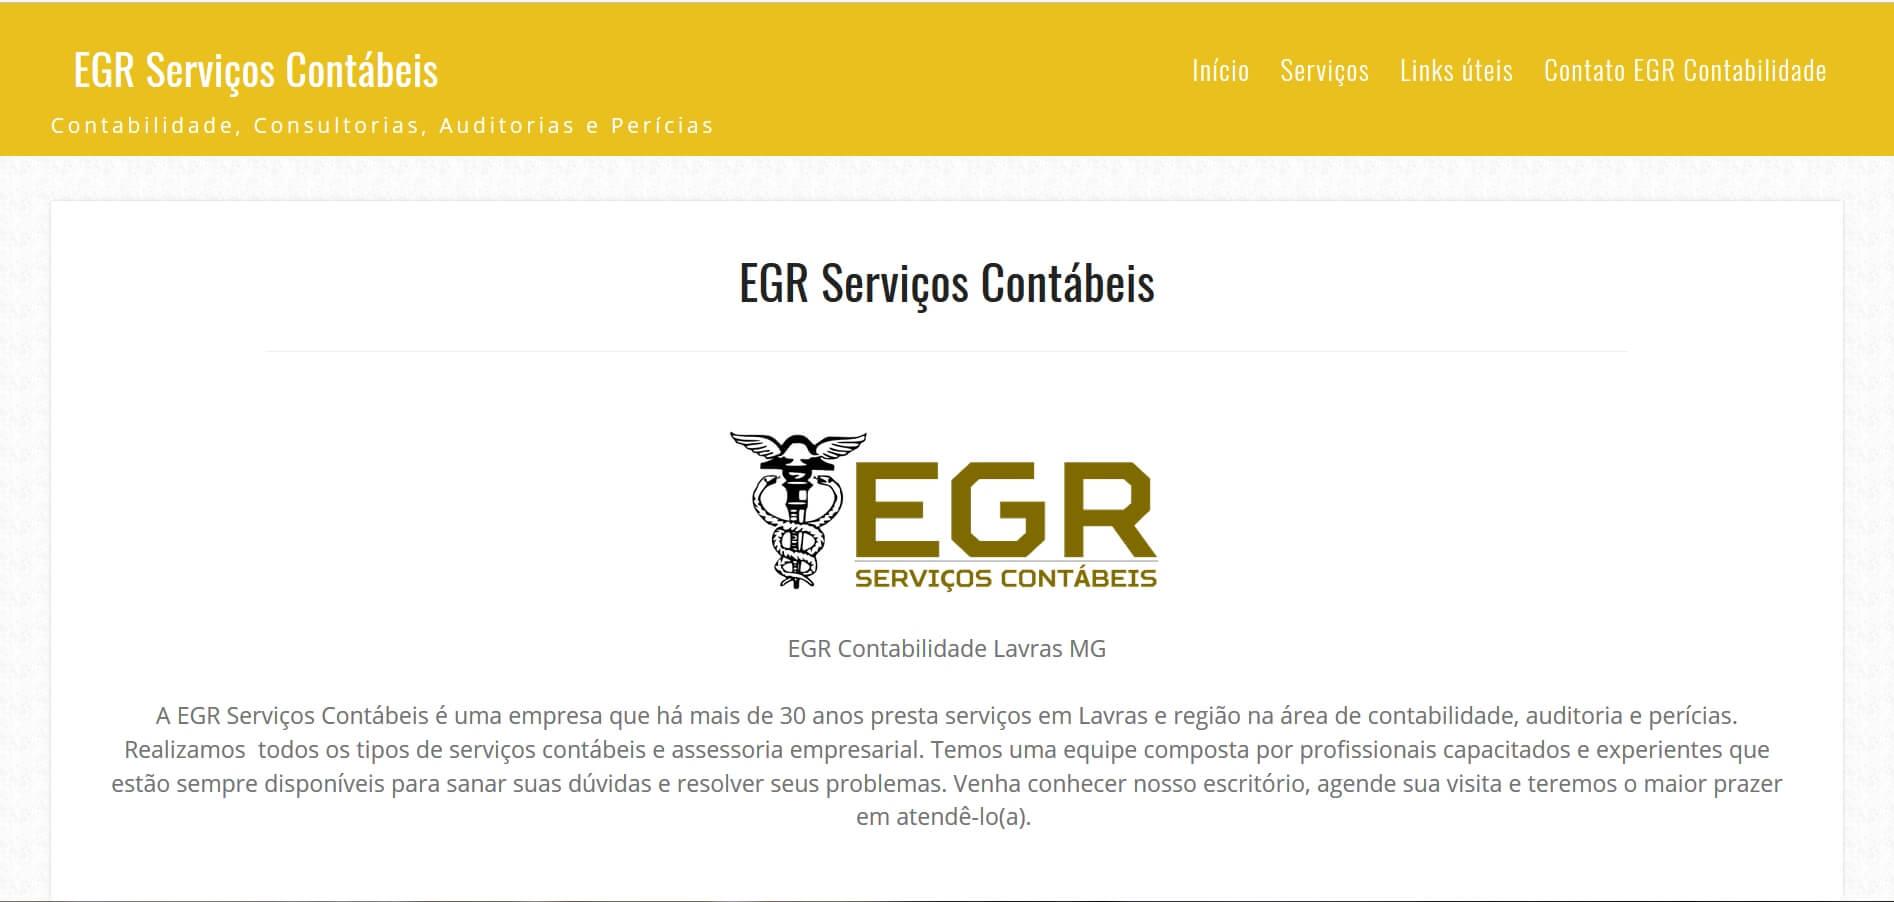 EGR Contabilidade - Lavras MG